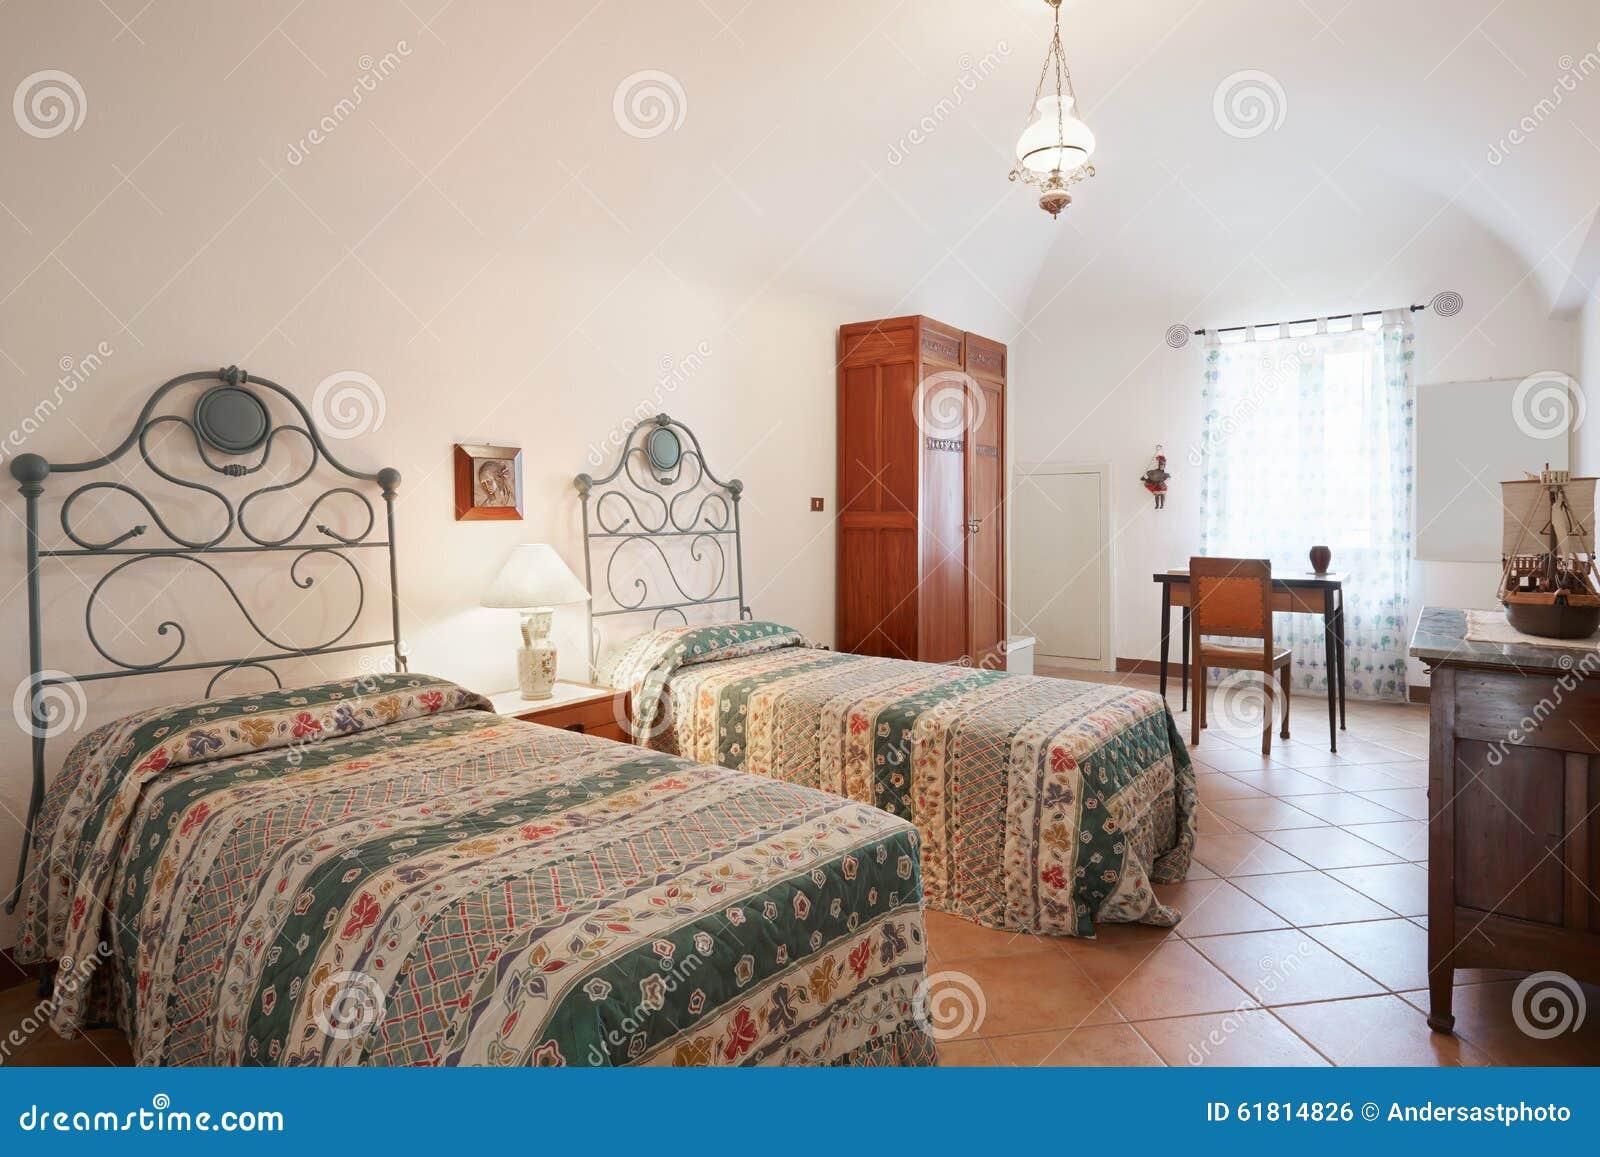 altes schlafzimmer mit zwei betten im alten haus stockfoto - bild, Schlafzimmer entwurf